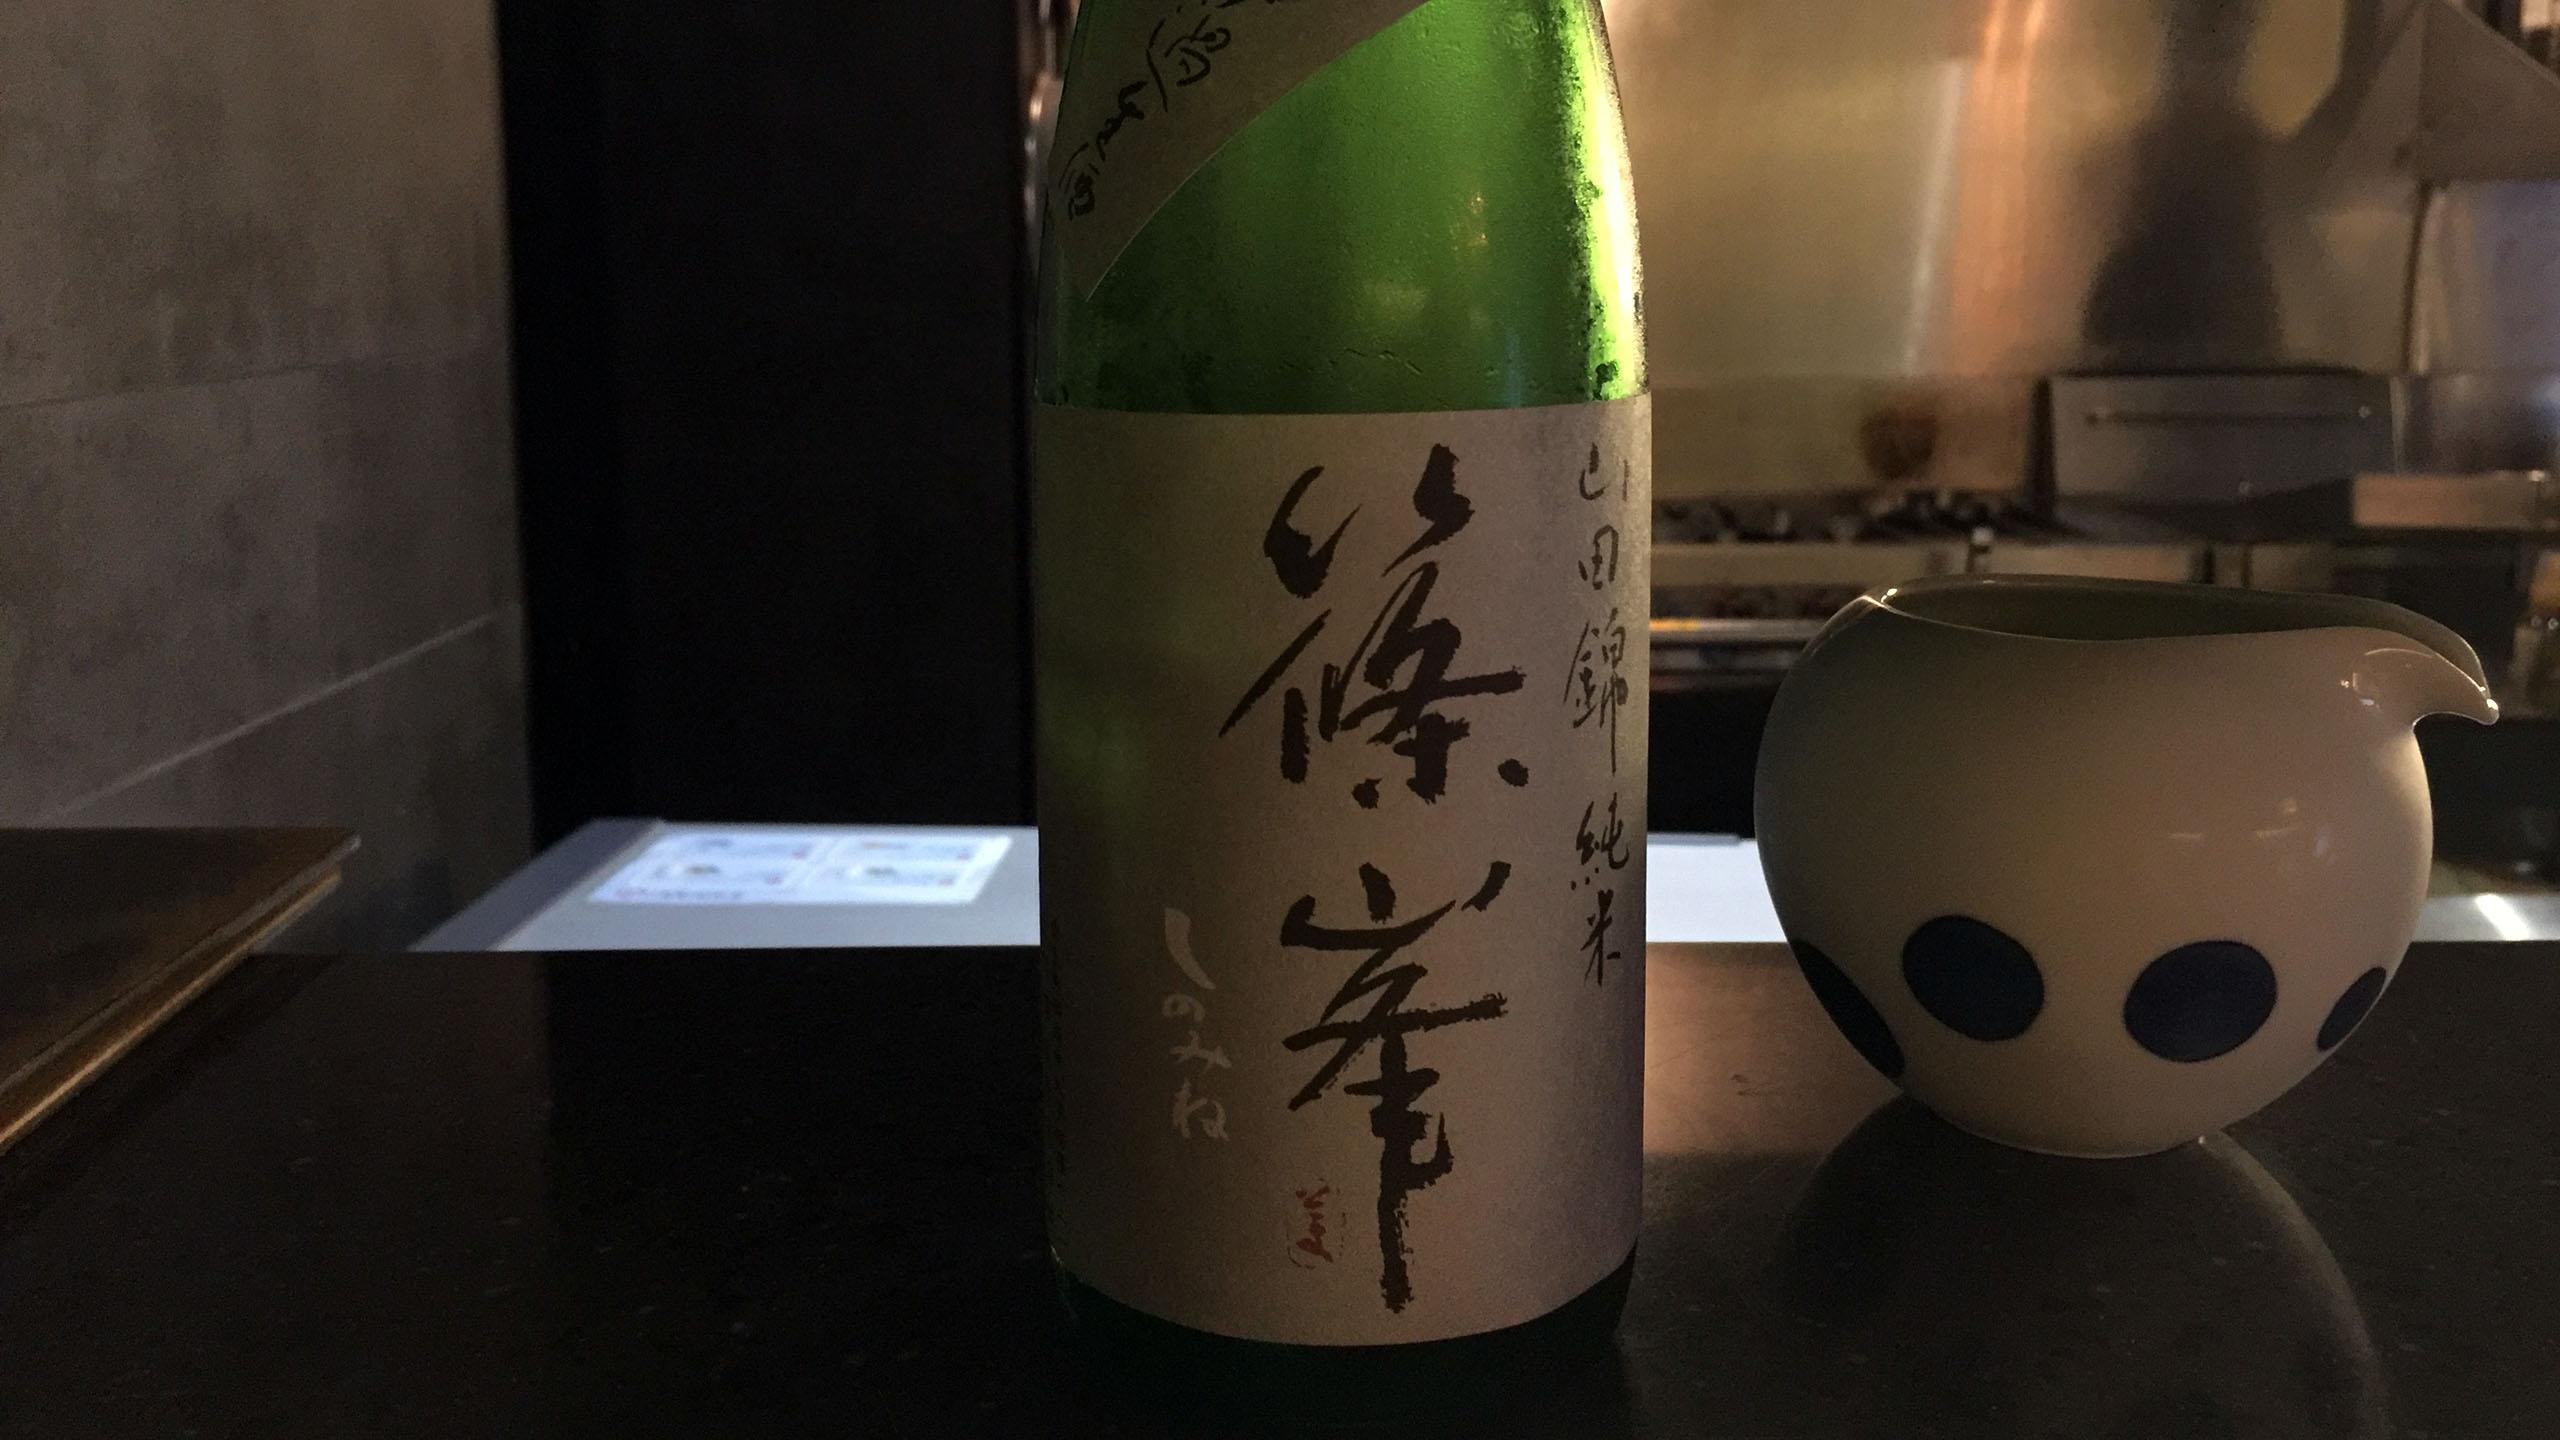 시노미네 쥰마이 야마다니시키 쵸카라 무로카 나마겐슈